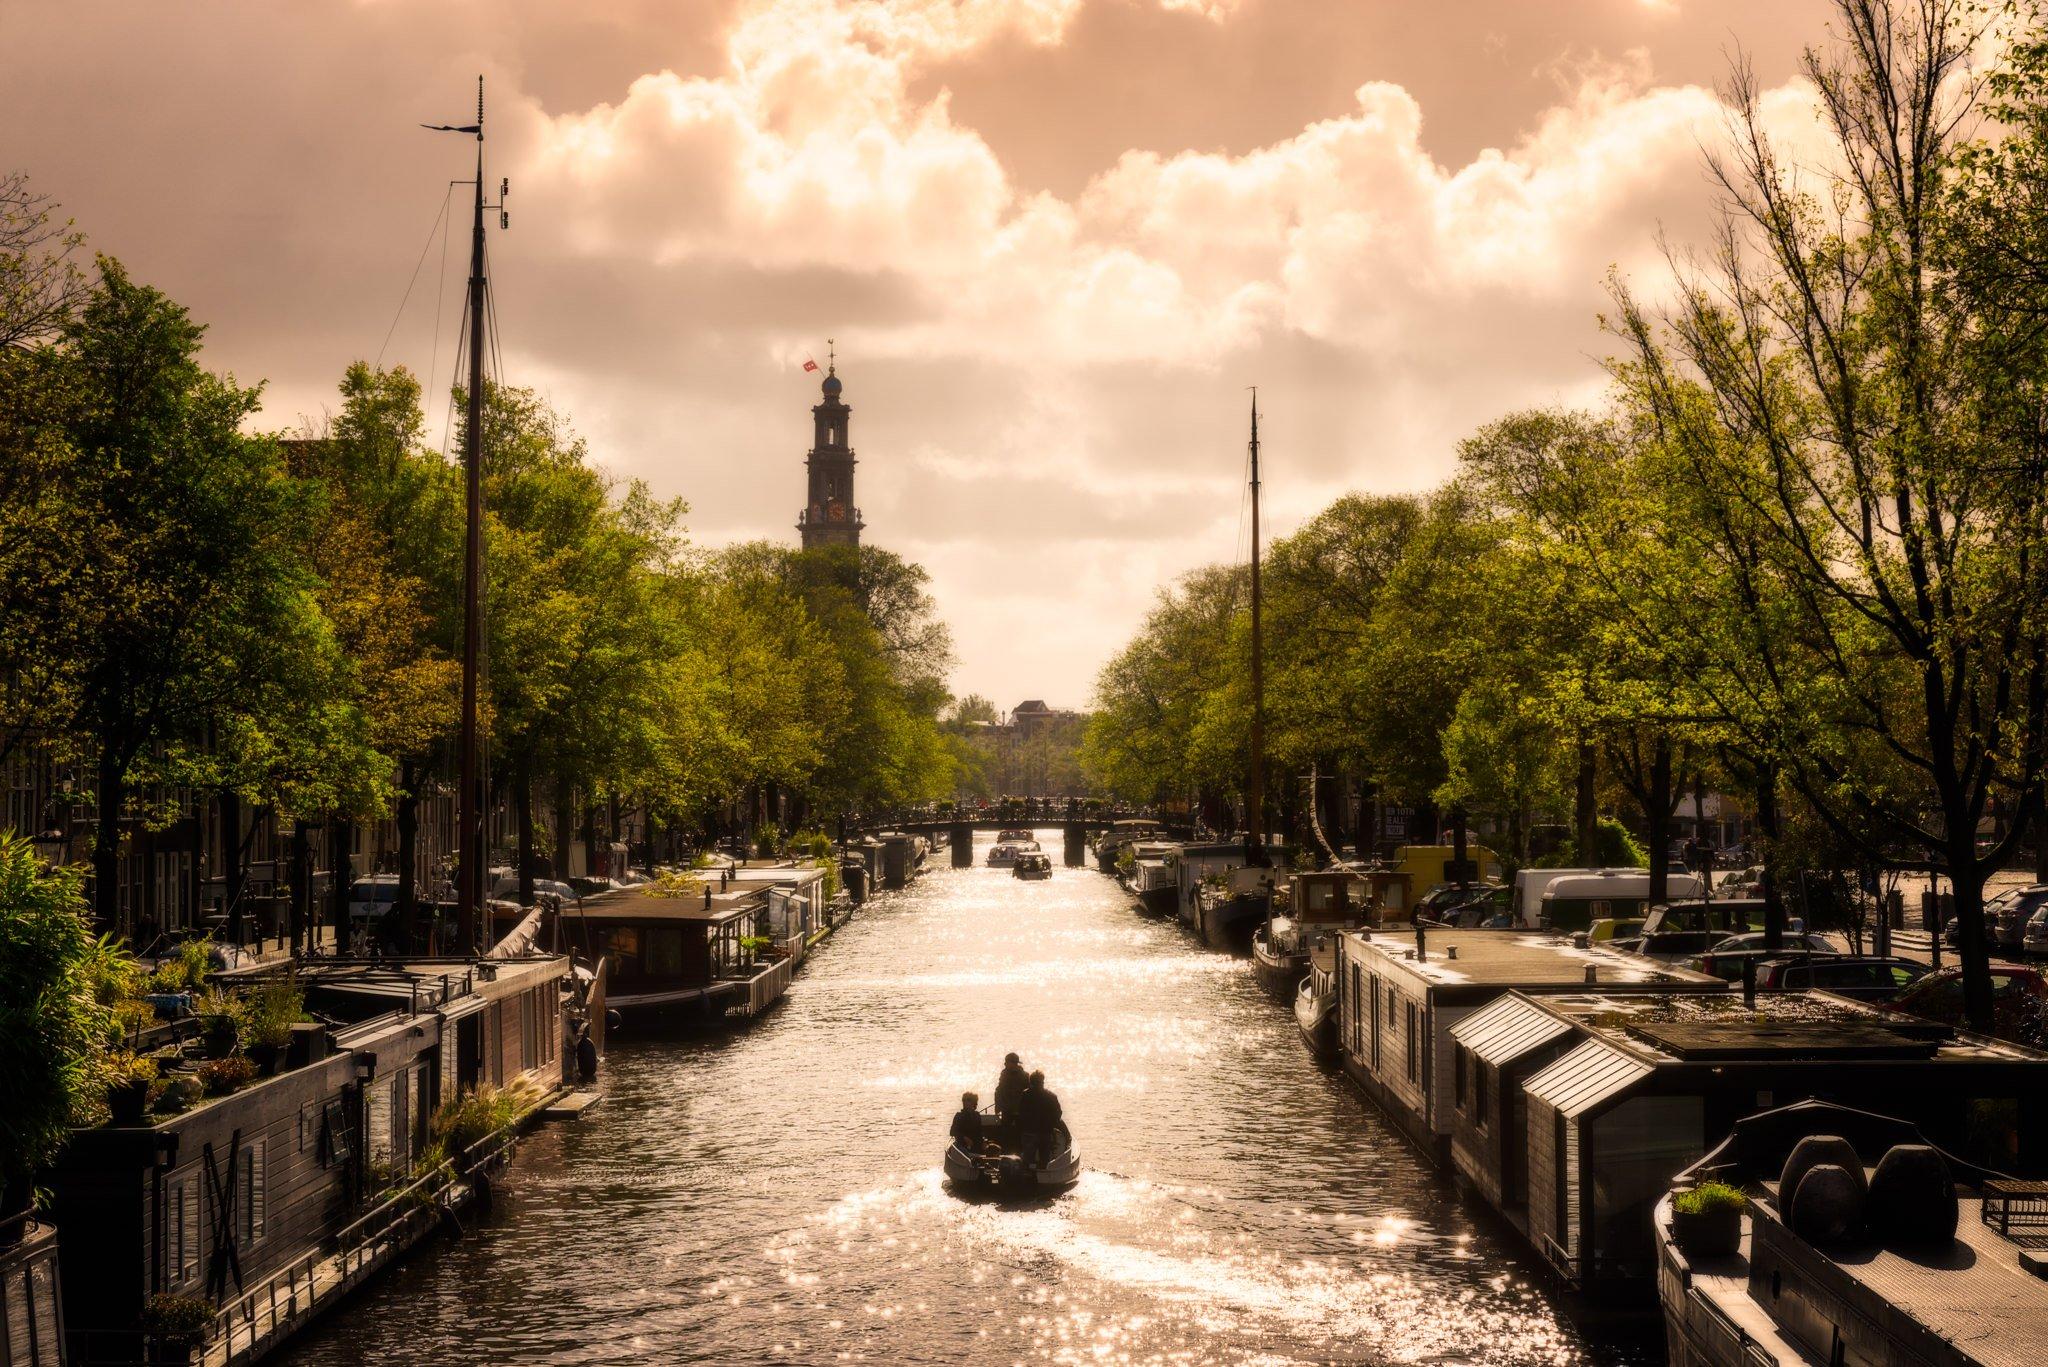 Houseboats | Amsterdam, Netherlands